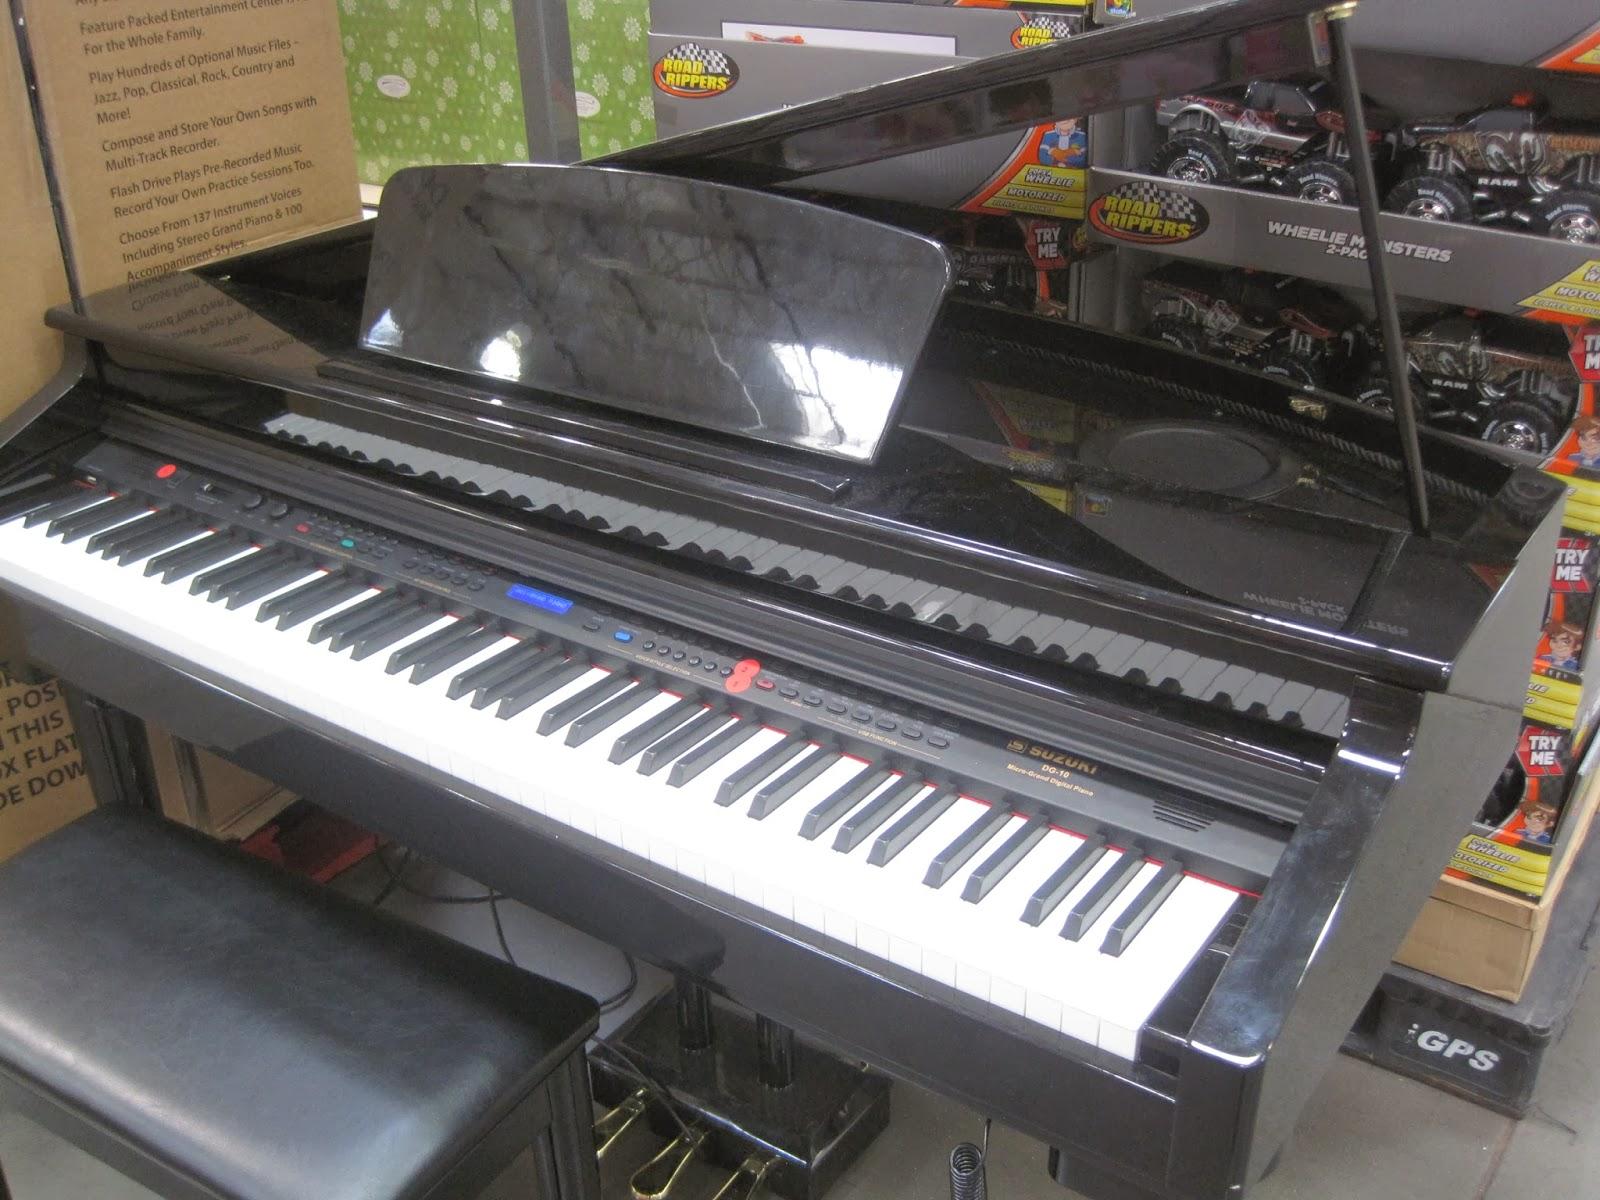 Suzuki Micro Grand Digital Piano Review